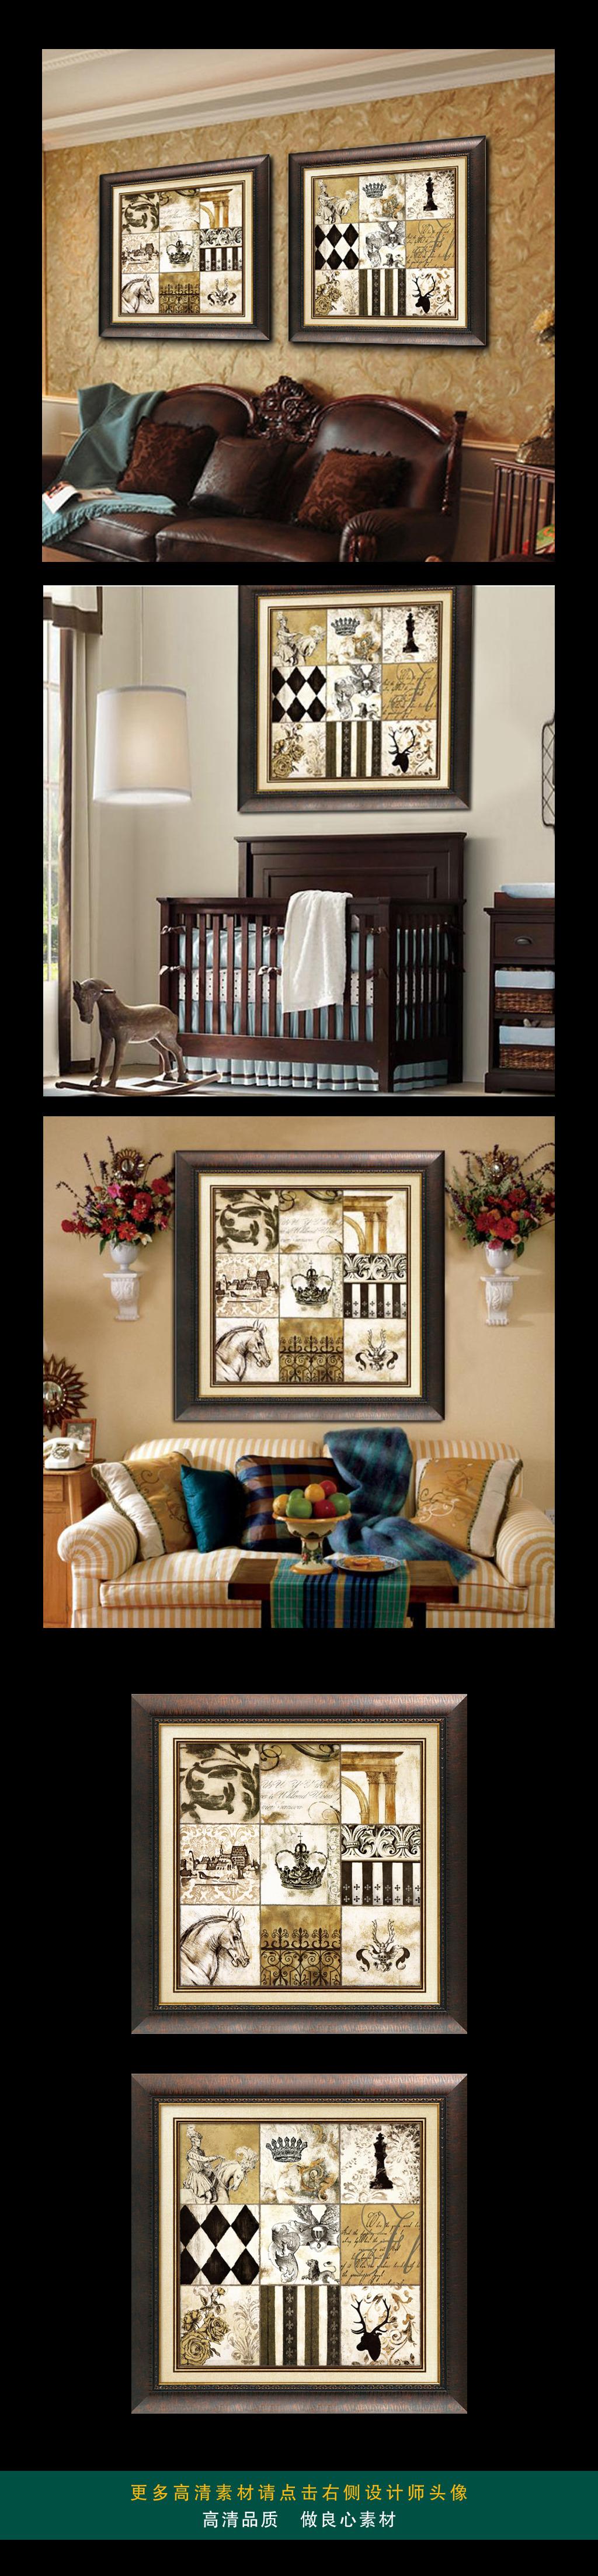 高清复古欧式九宫格装饰画图片下载  画芯素材 两联  装饰画挂画 手绘